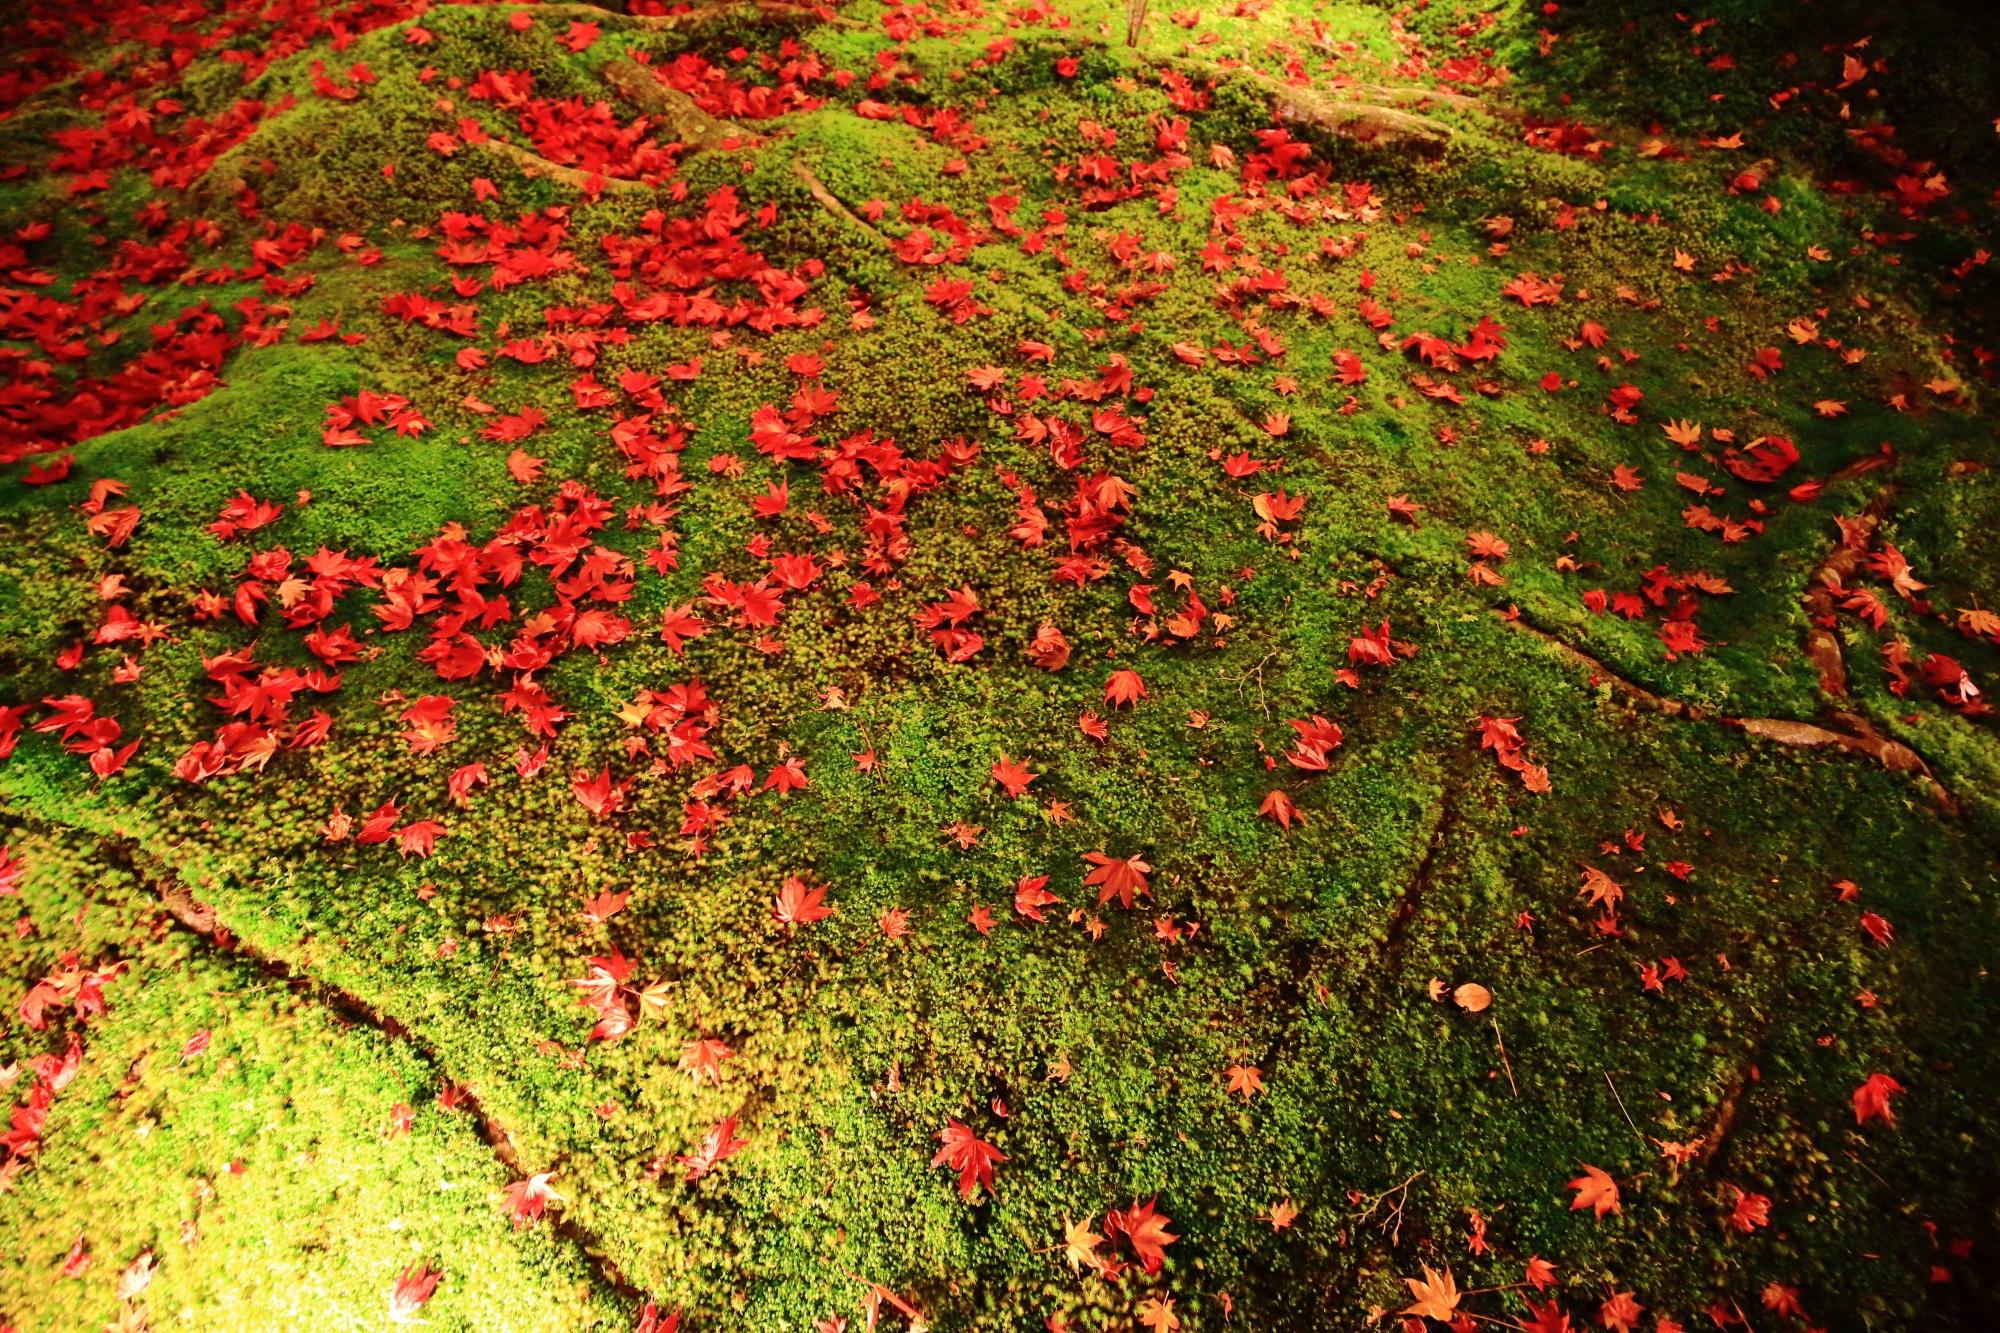 嵐山宝厳院の獅子吼の庭の苔と鮮やかな散りもみじのライトアップ